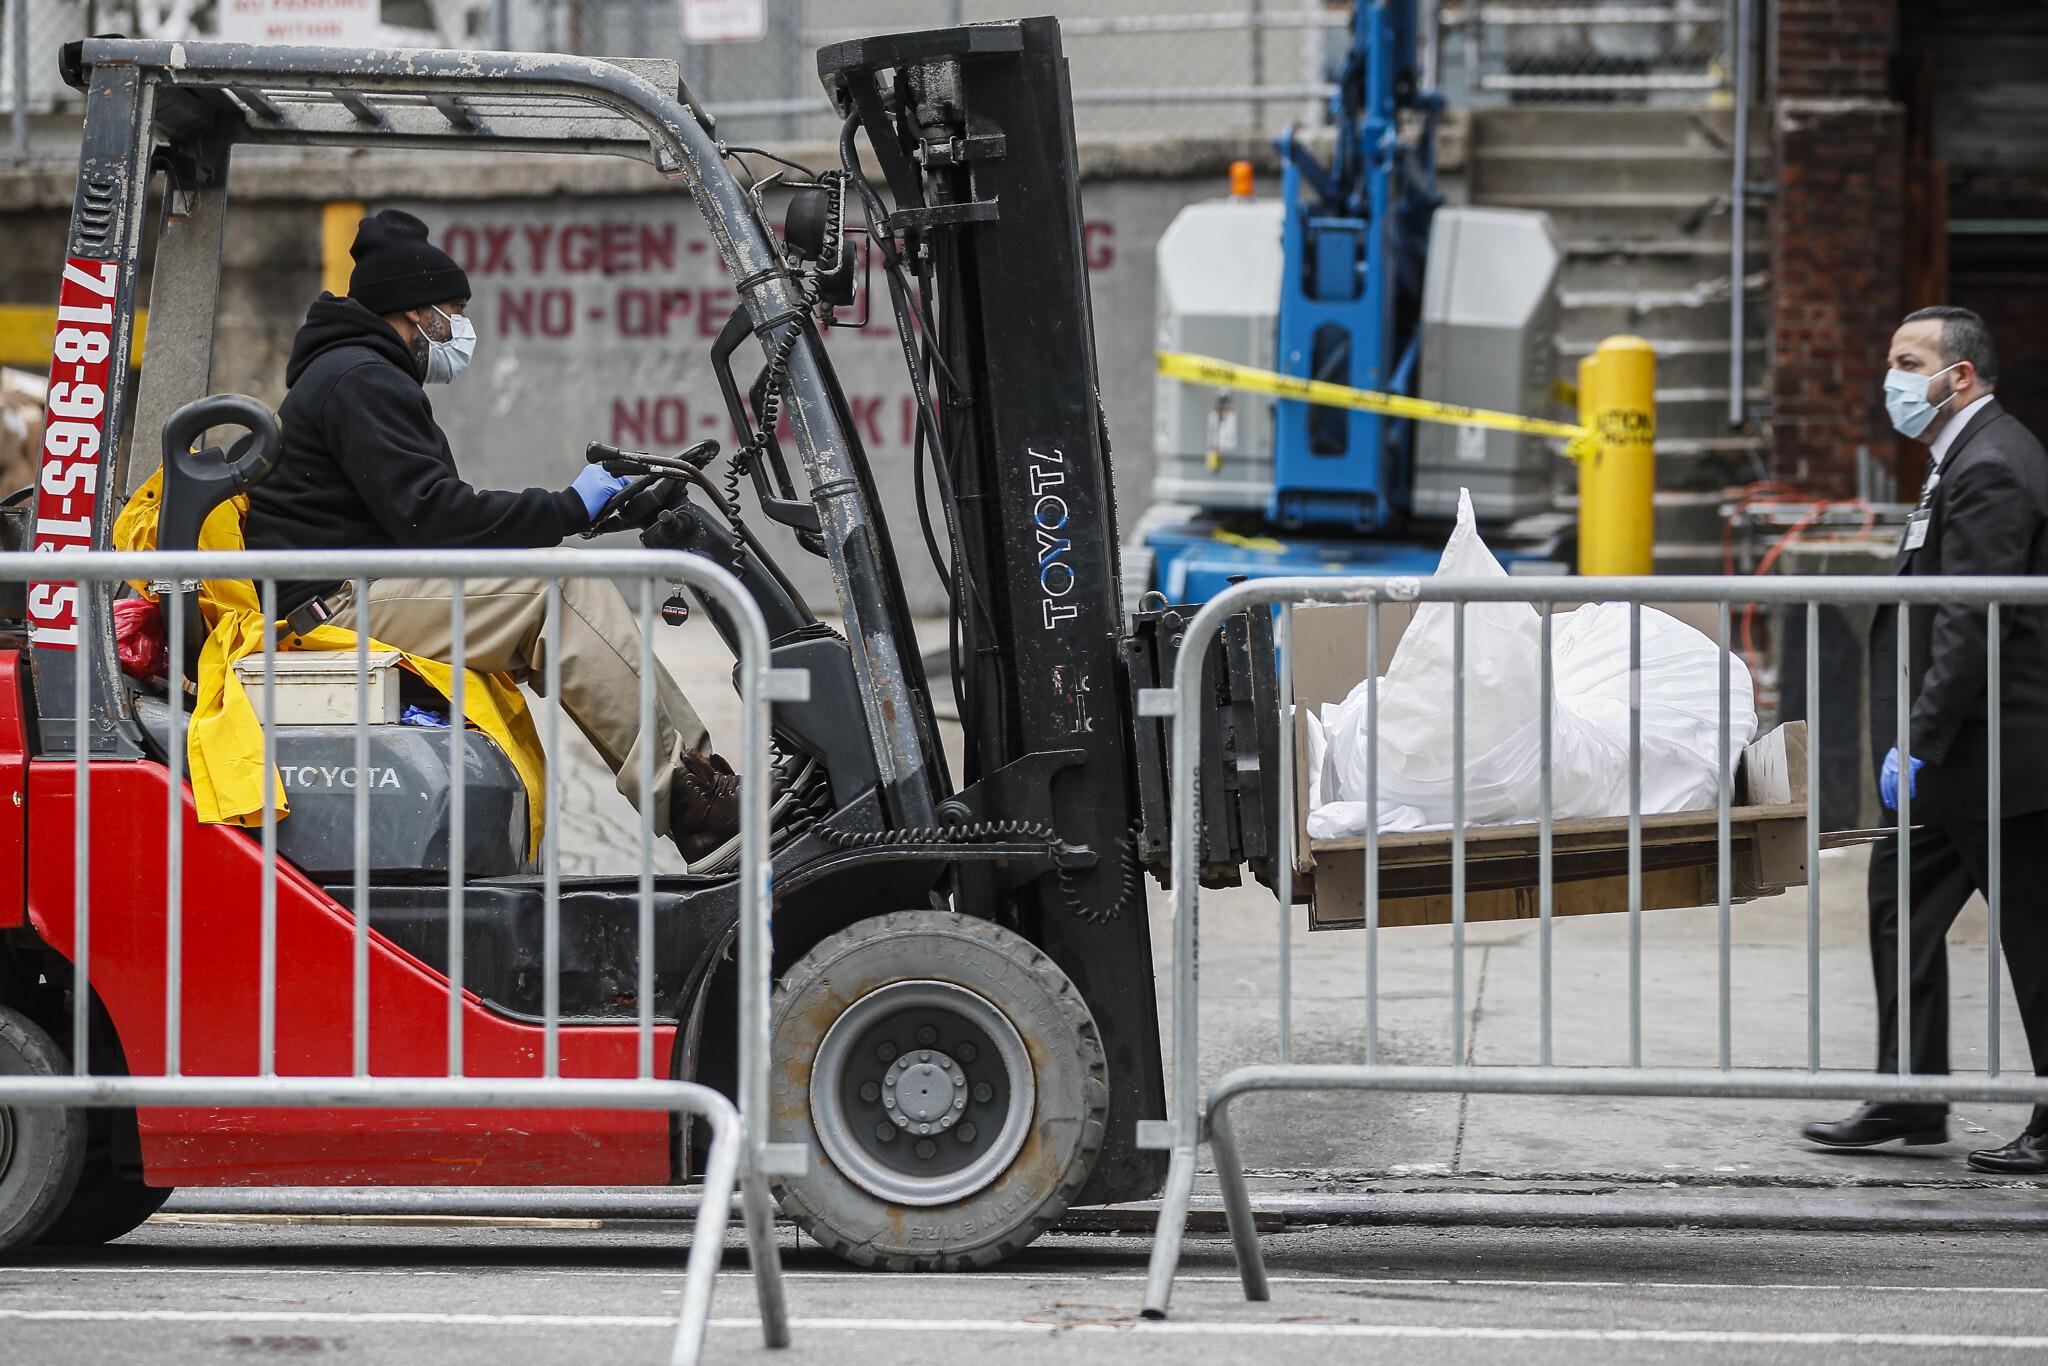 Radnik na viljuškaru utovara zamotana tela preminulih od virusa COVID-19 u kamione-hladnjače u Bruklinu, Njujork, 31. mart 2020. (Foto: AP Photo/John Minchillo)